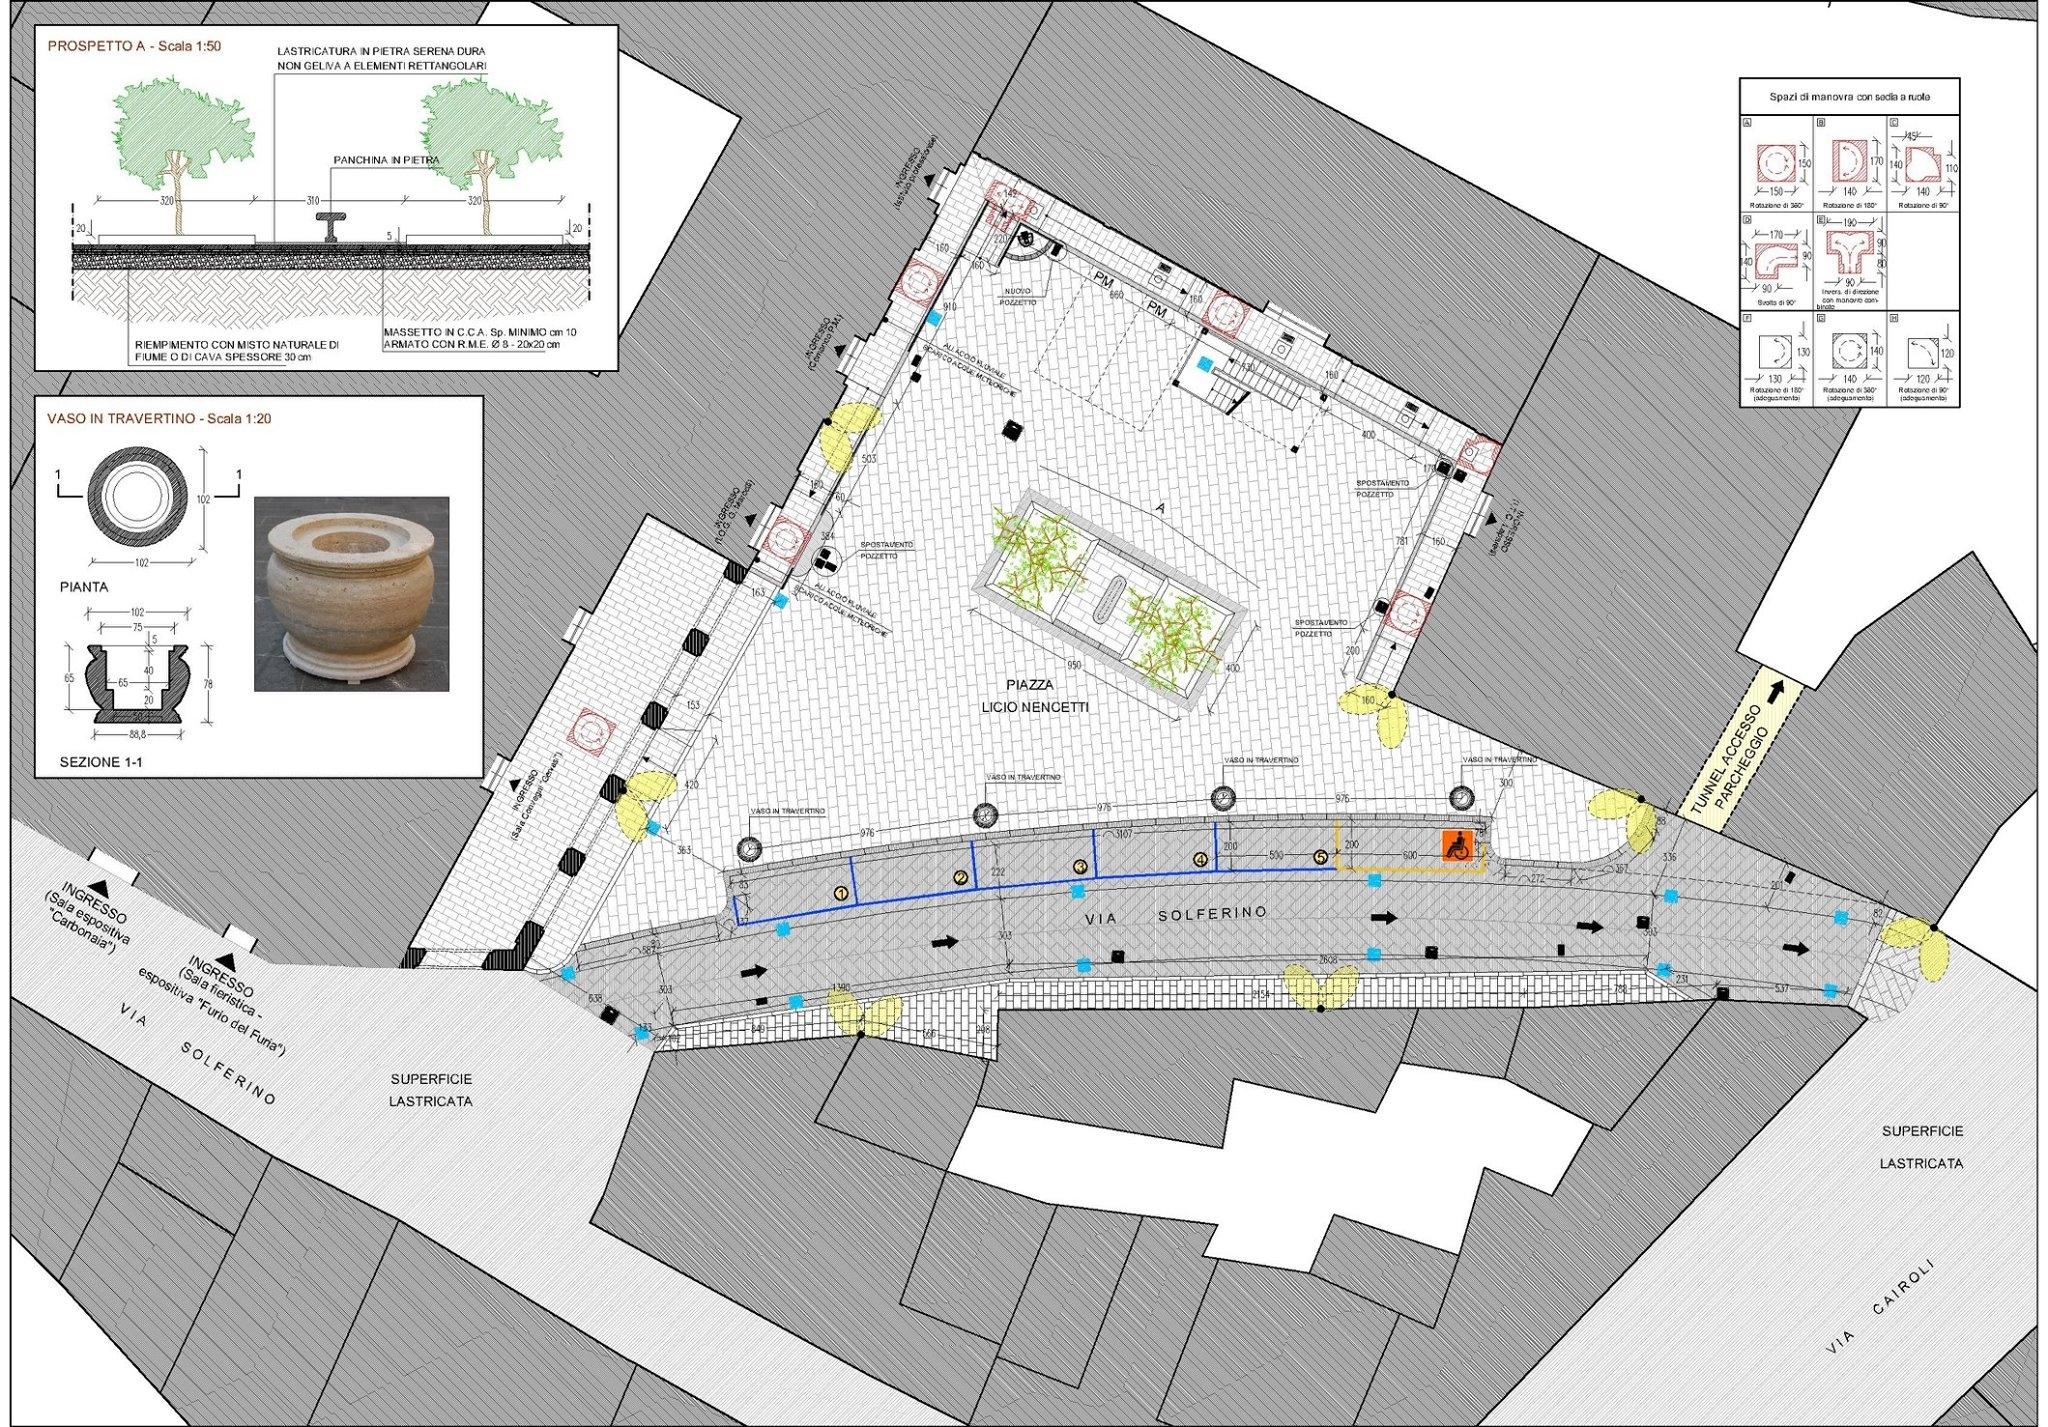 Foiano: approvato il progetto per la nuova area Mercatale di Piazza Nencetti